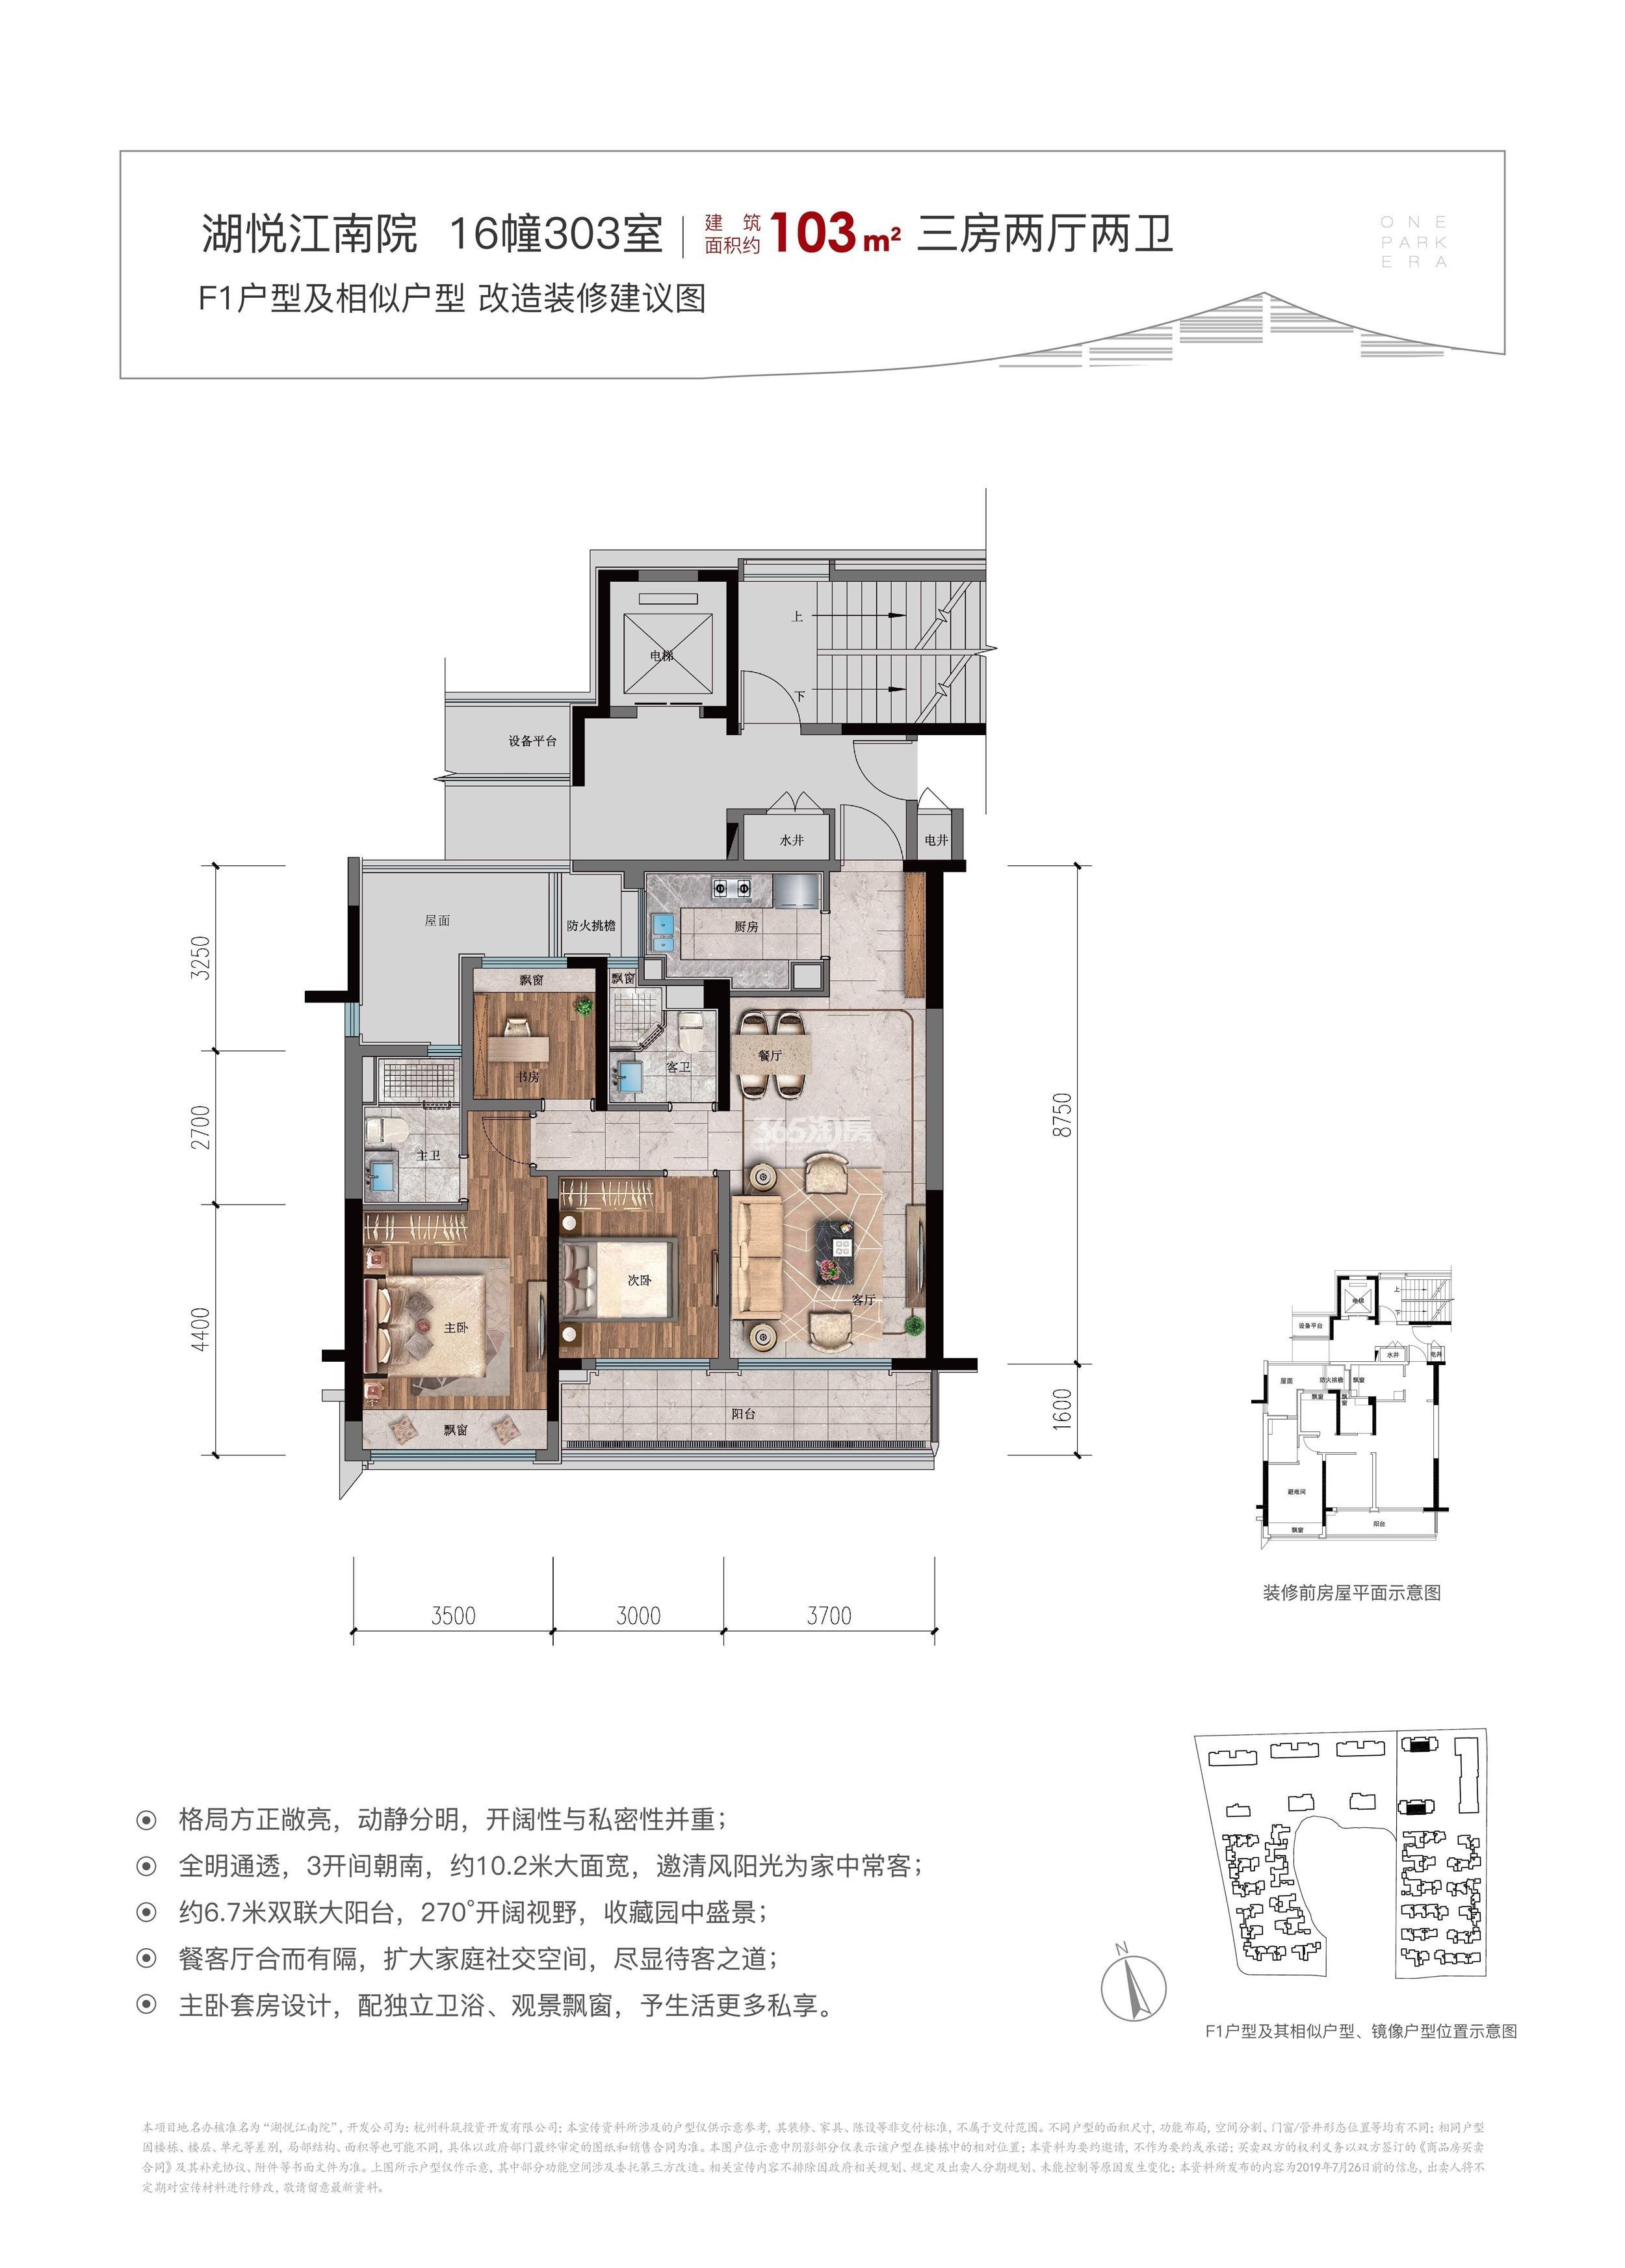 融创江南壹号院二期北区高层F1户型103方(16、18#)